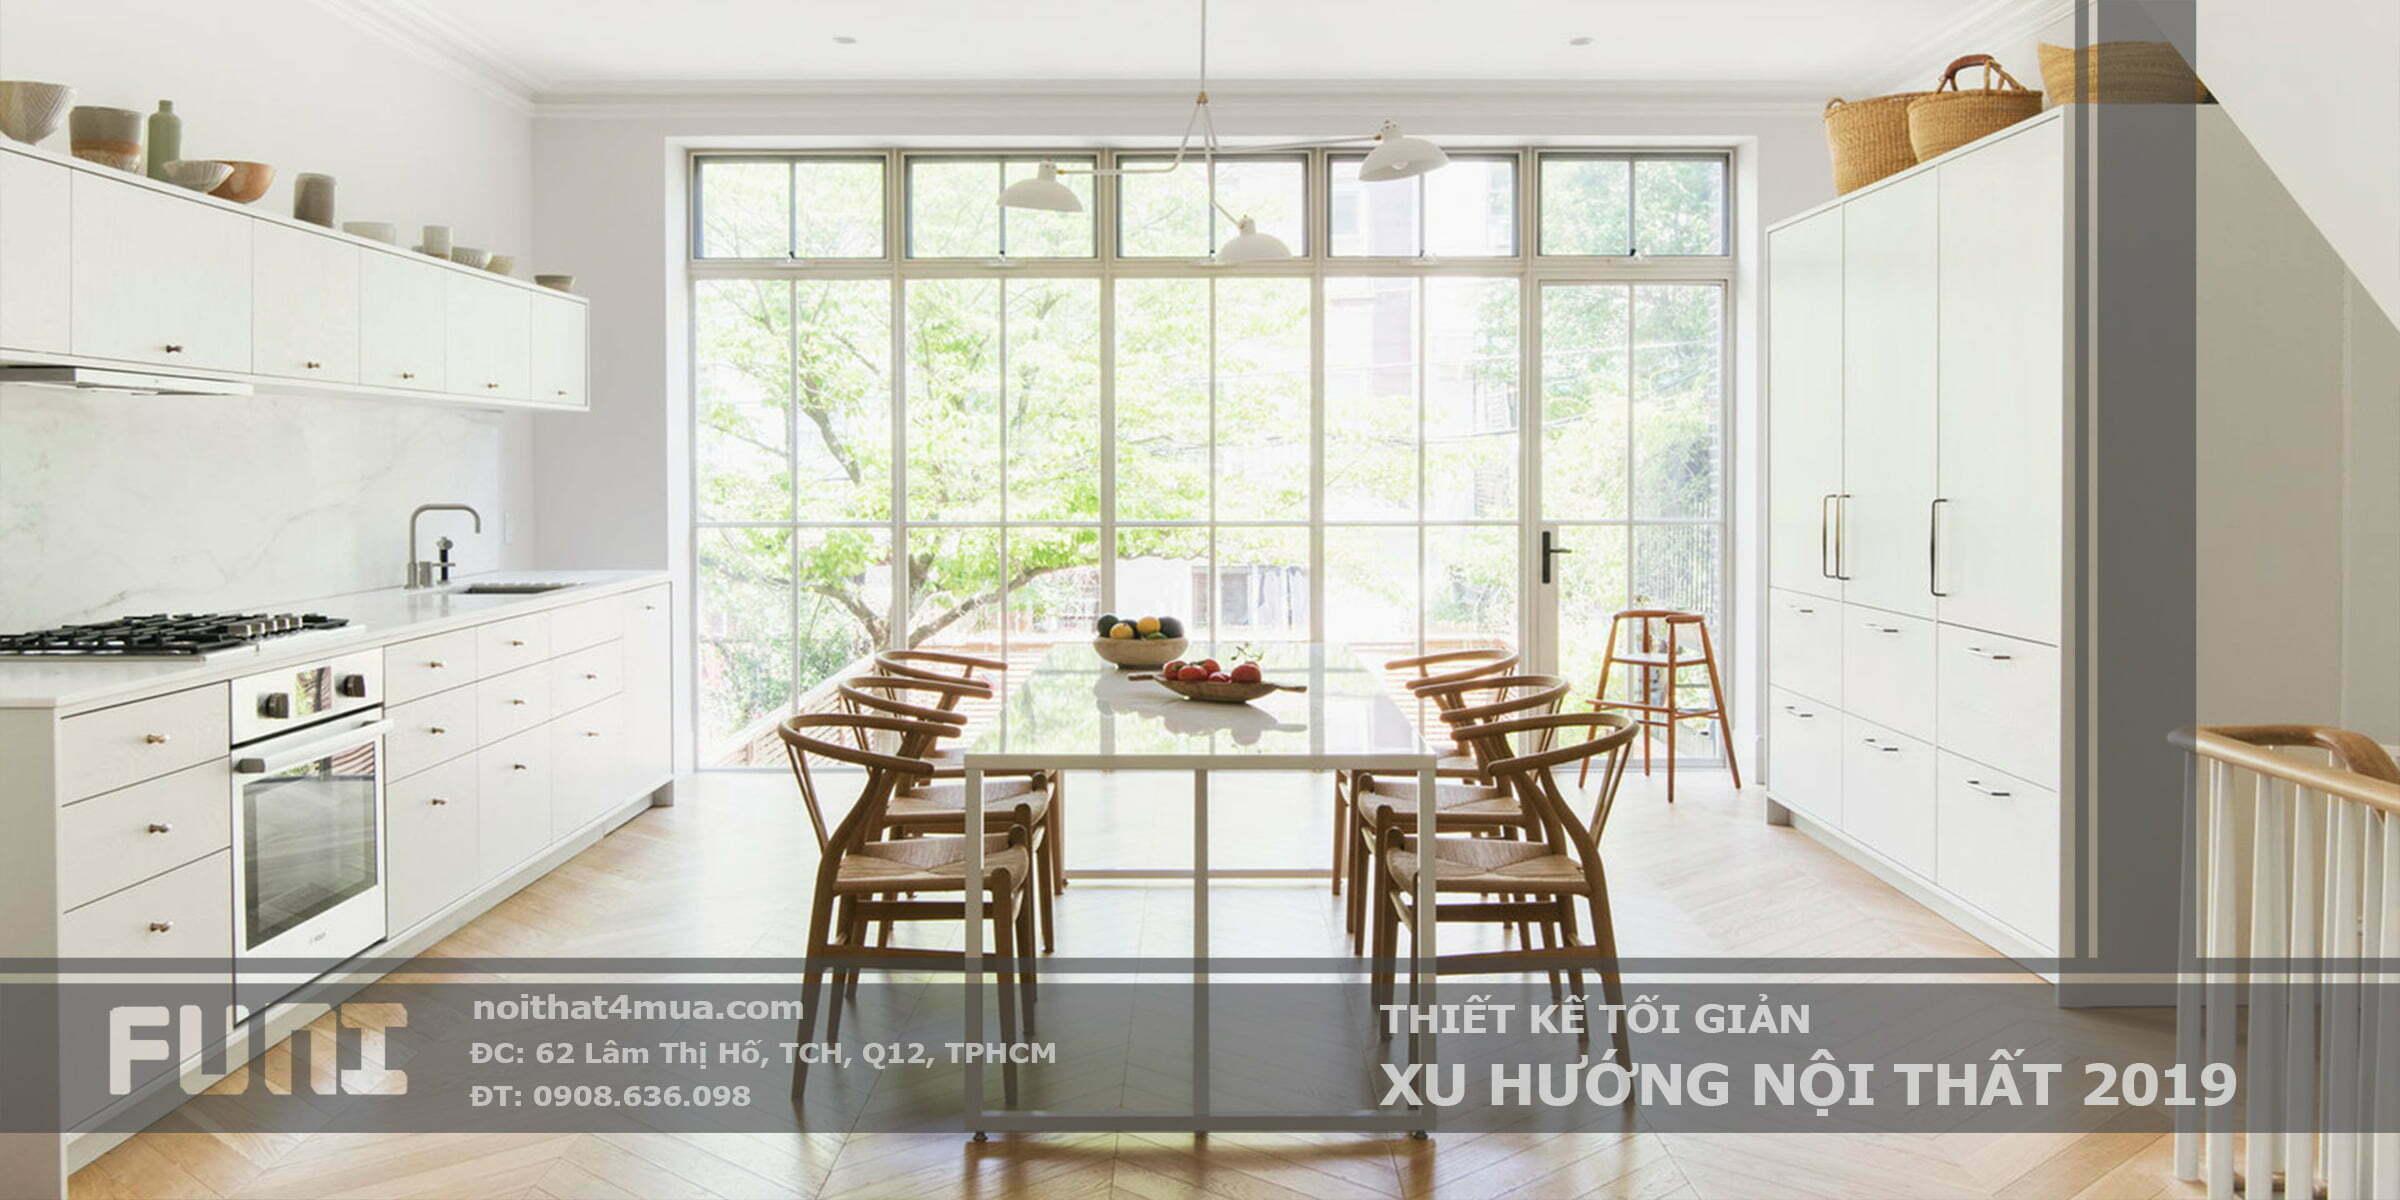 Thiết kế tối giản xu hướng nội thất 2019